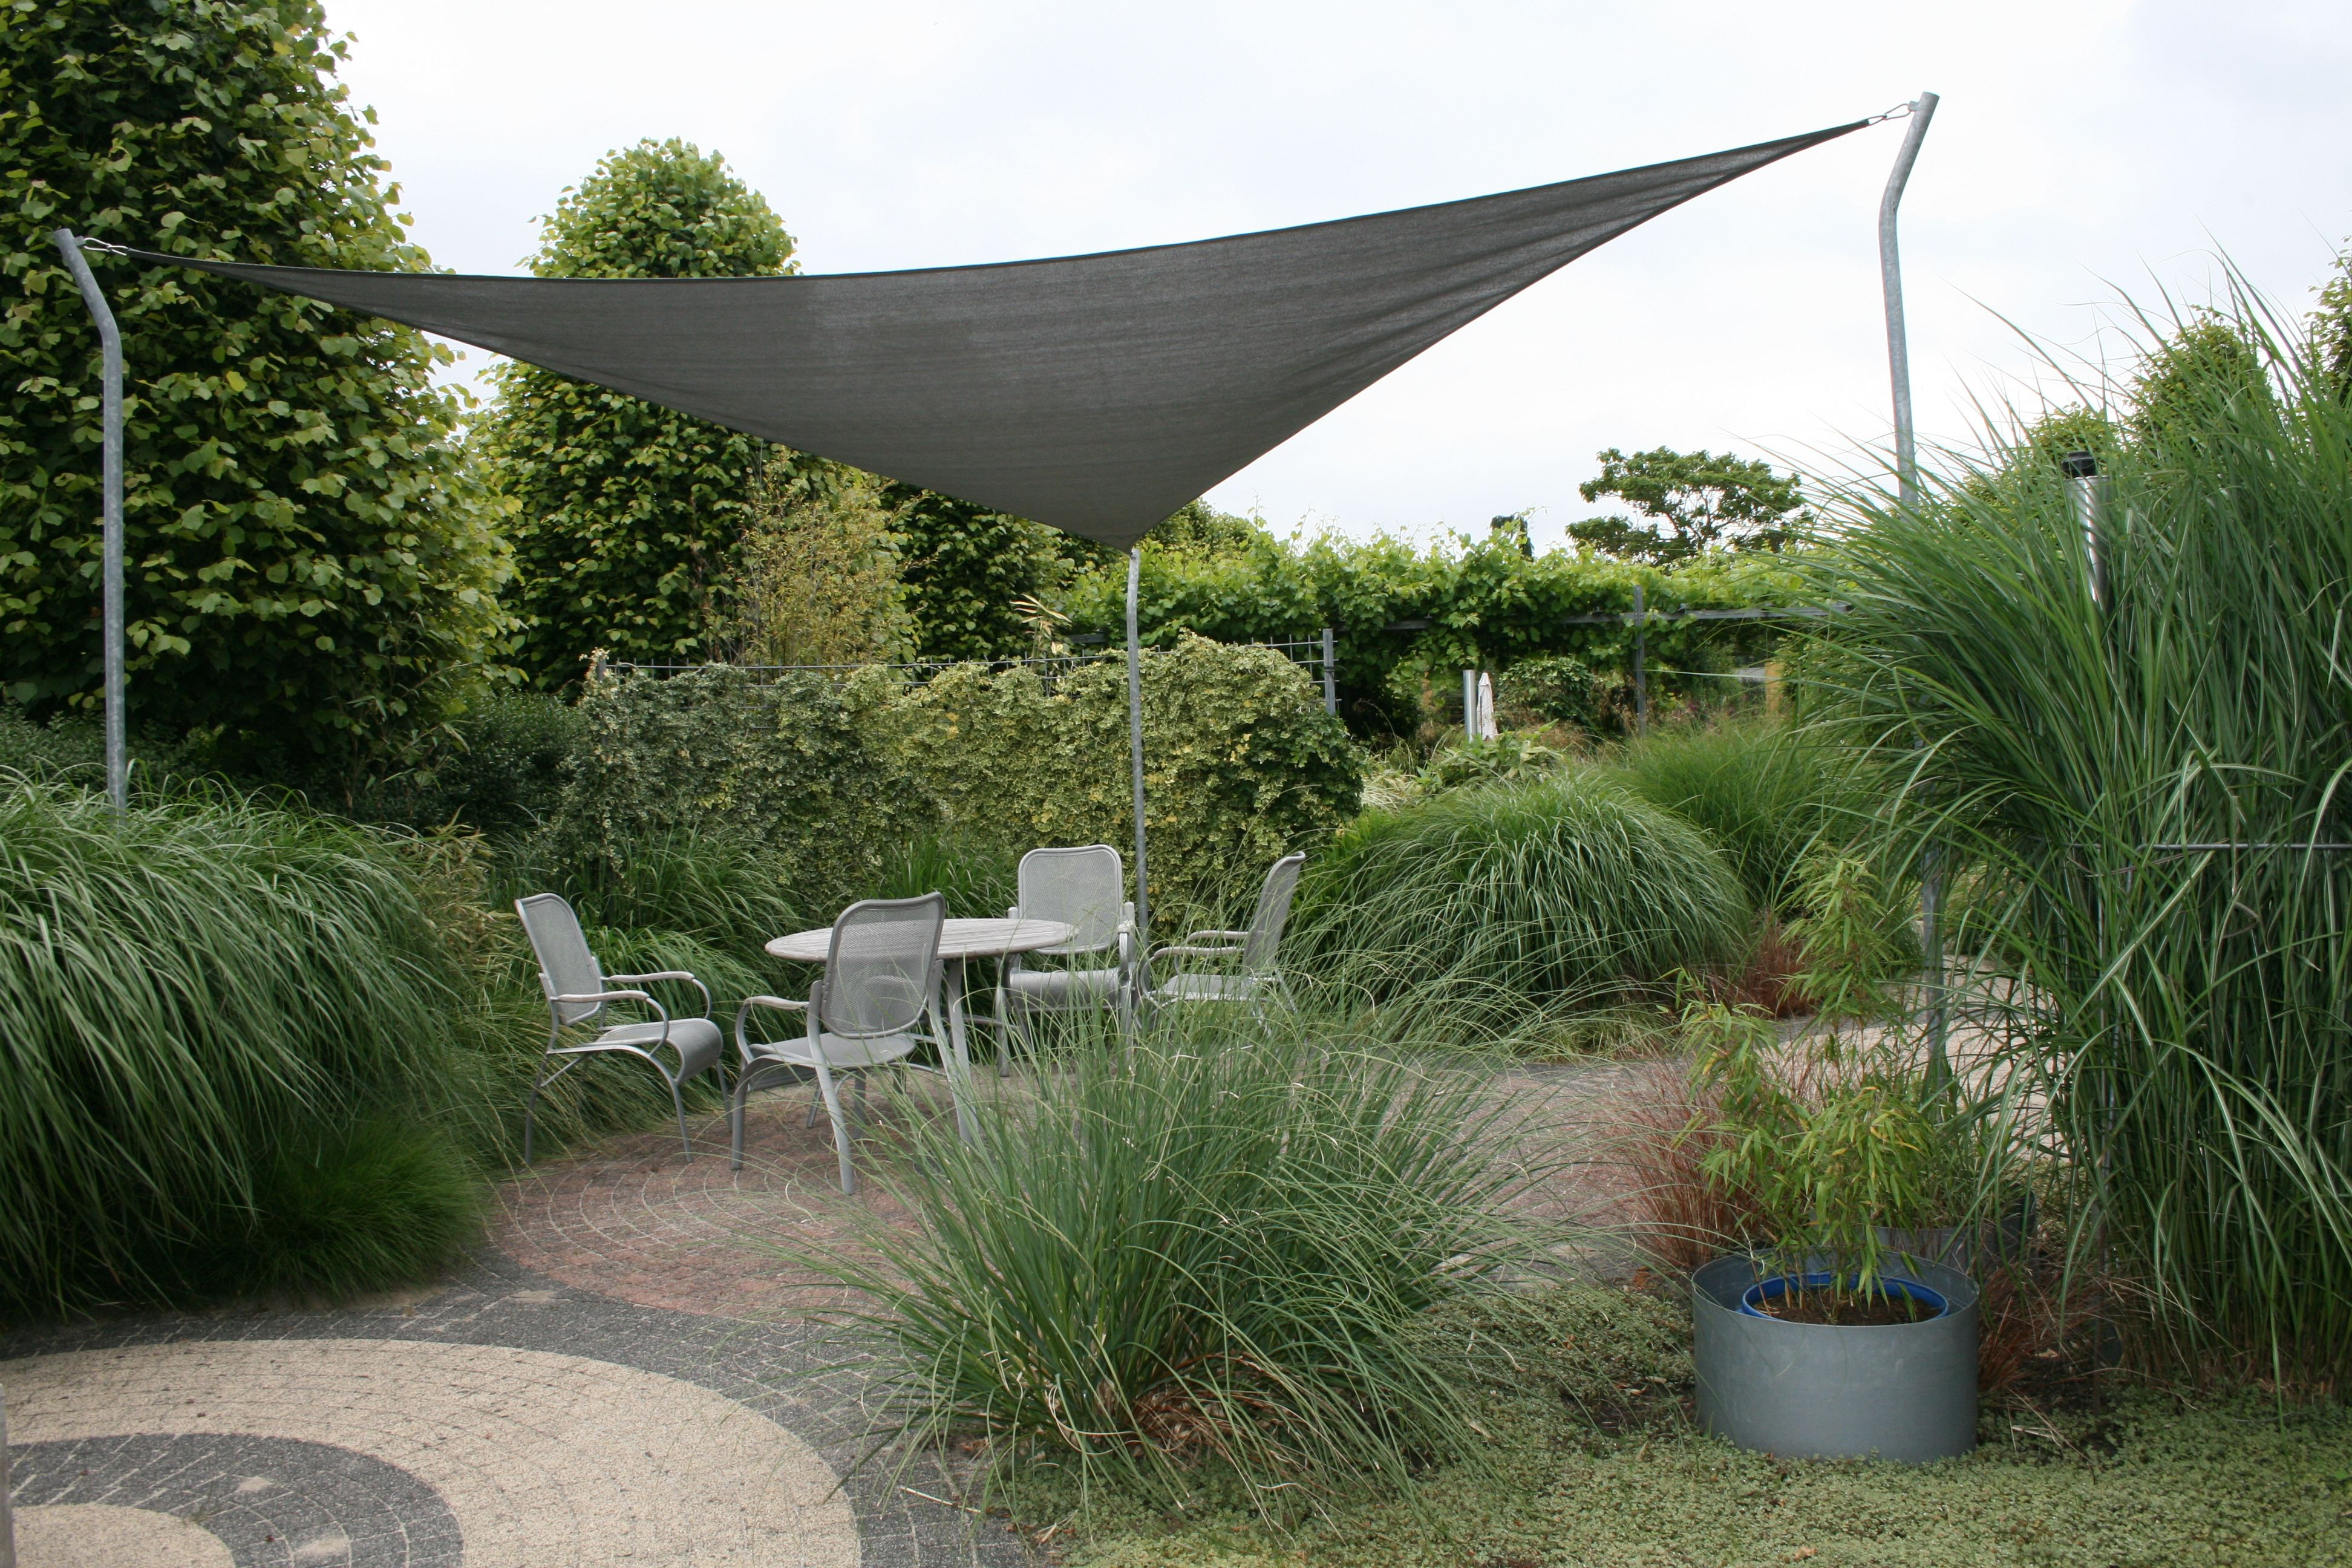 Garten bepflanzung gr sergarten sitzplatz unterm sonnensegel gartenreise holland for Gartenbepflanzung modern